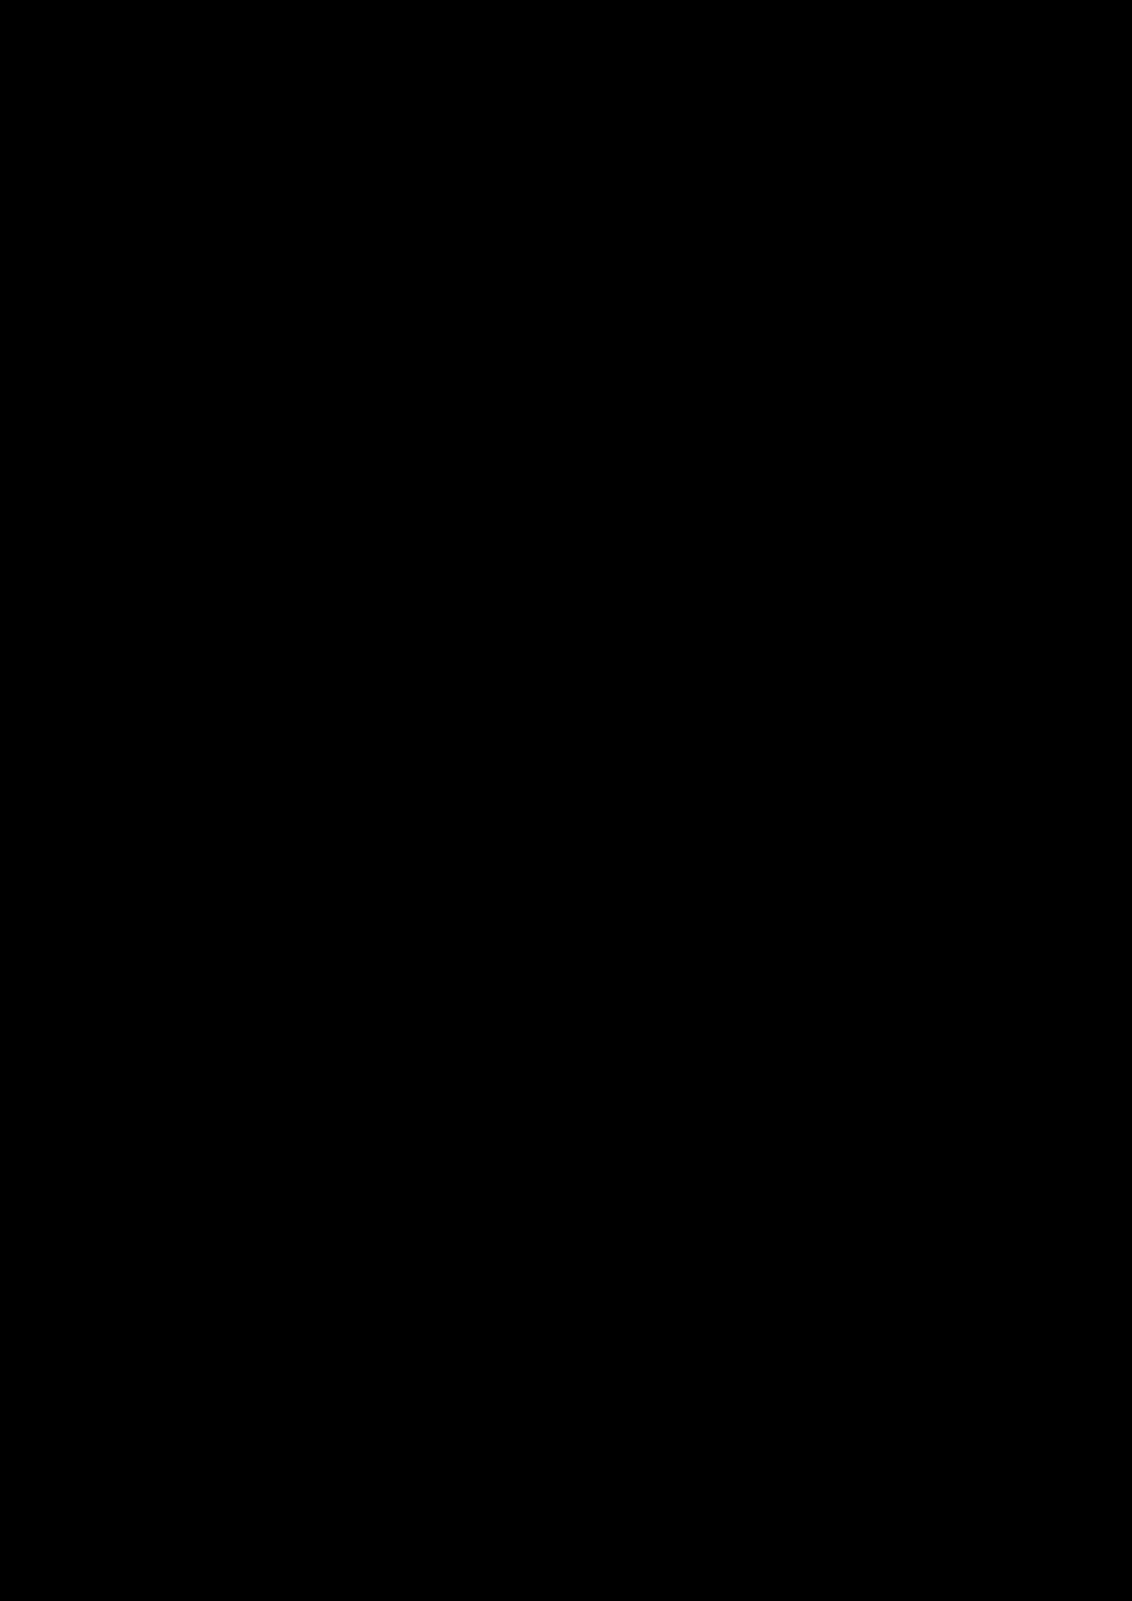 Toccata A-moll slide, Image 1